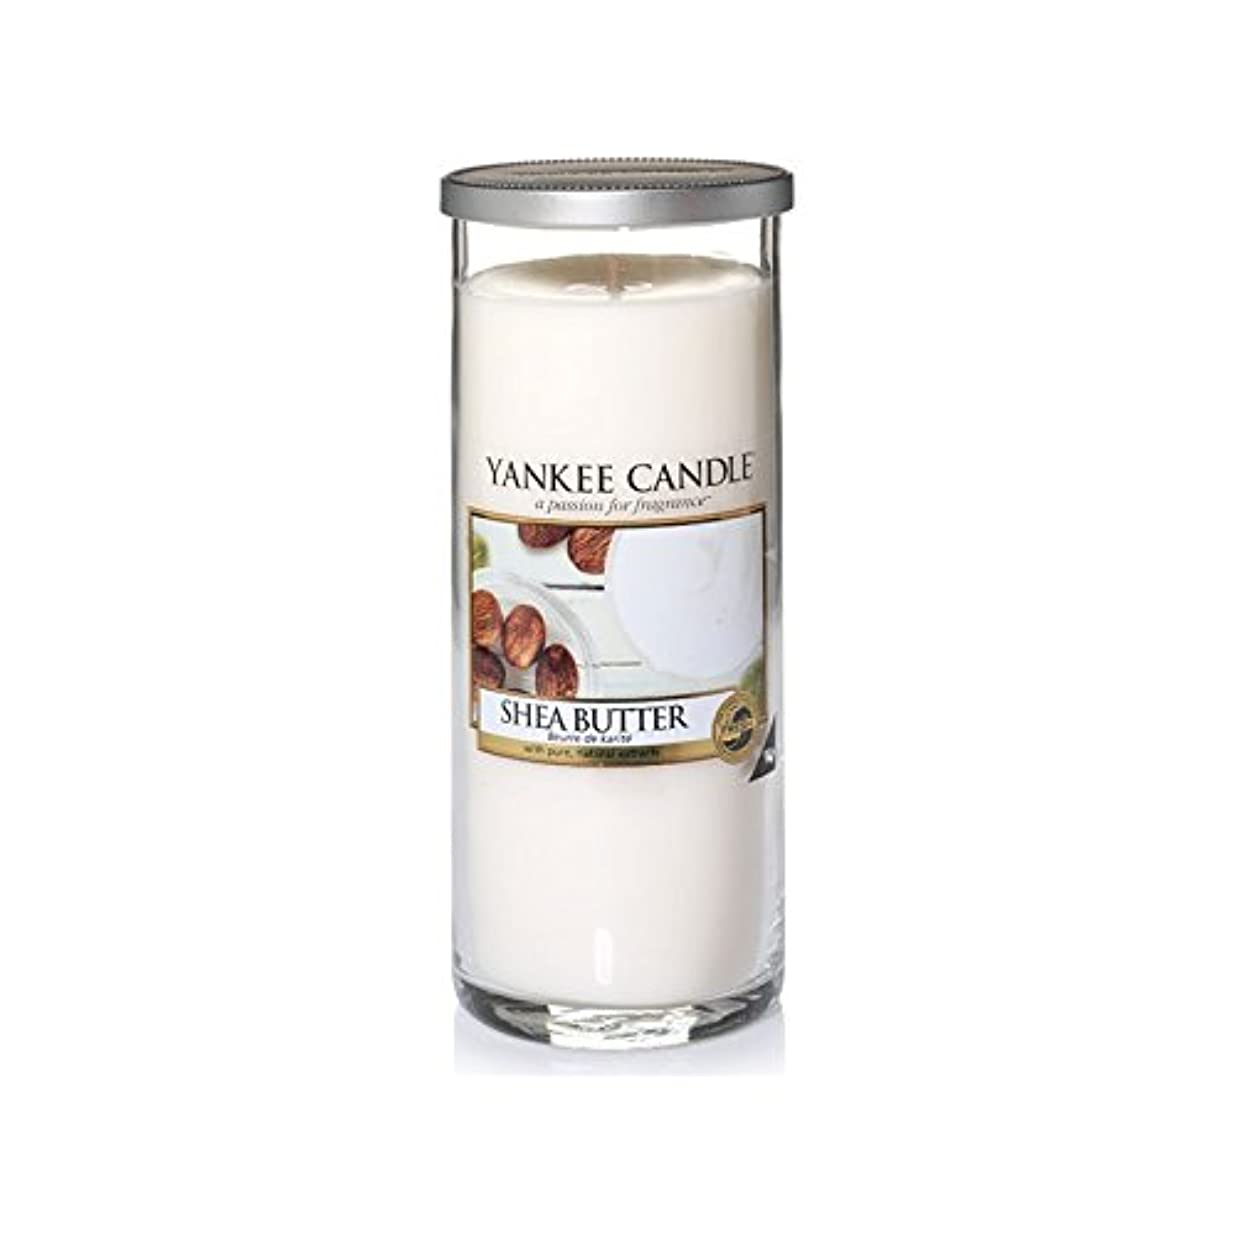 形容詞法律により明日Yankee Candles Large Pillar Candle - Shea Butter (Pack of 2) - ヤンキーキャンドル大きな柱キャンドル - シアバター (x2) [並行輸入品]